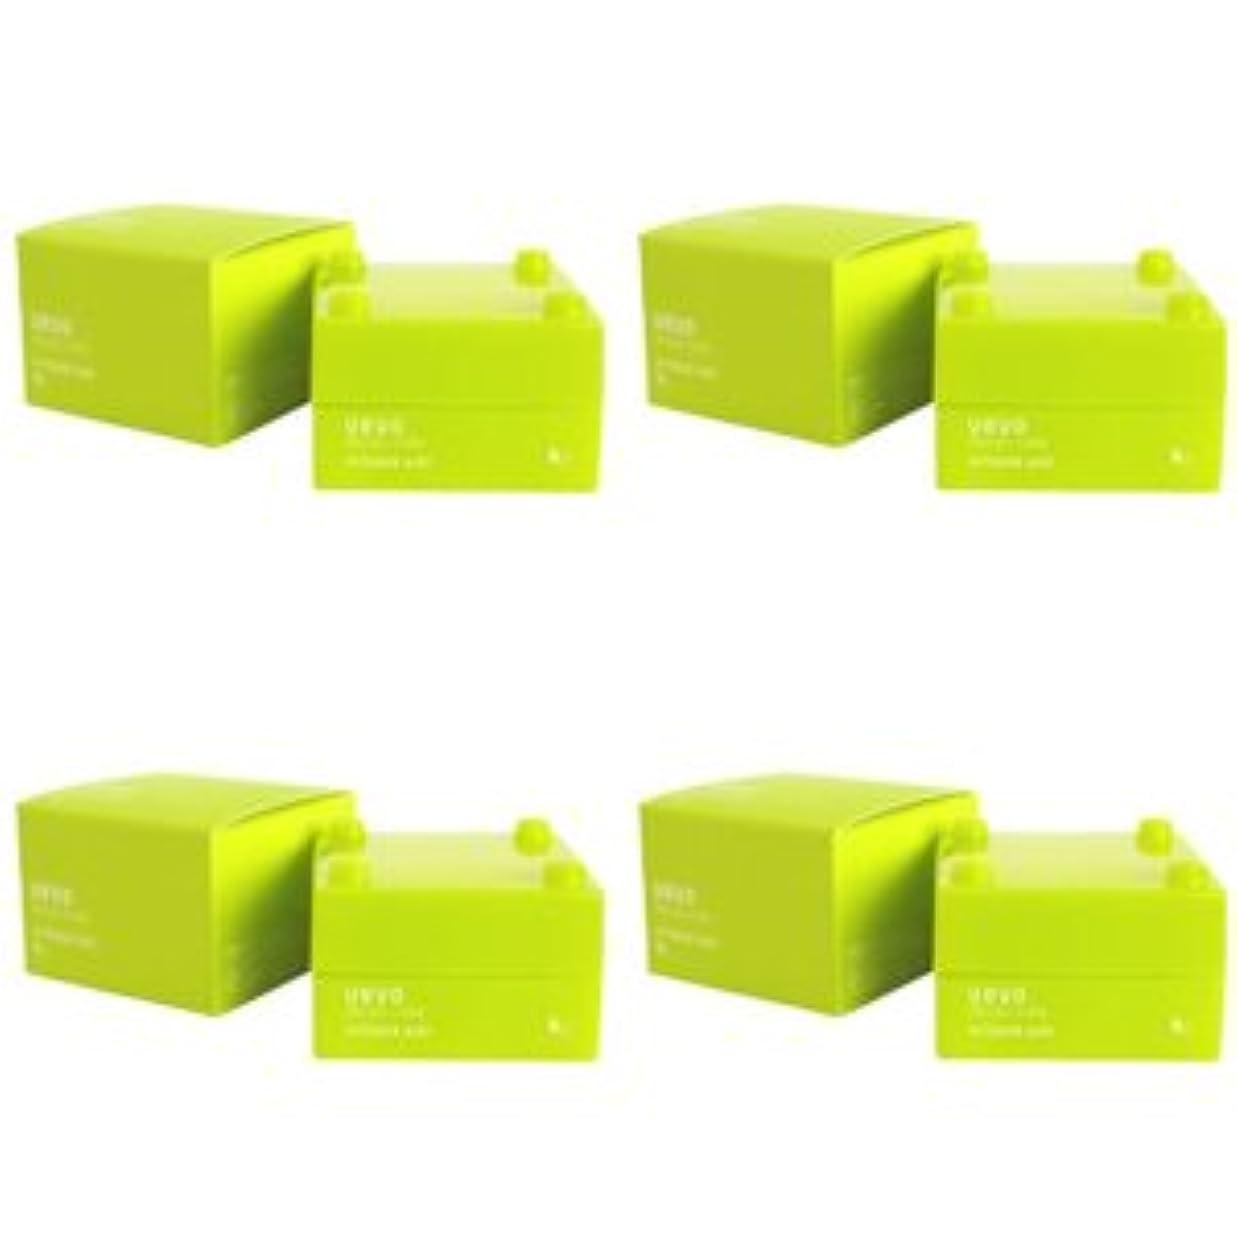 勇気のあるアルミニウムとらえどころのない【X4個セット】 デミ ウェーボ デザインキューブ エアルーズワックス 30g airloose wax DEMI uevo design cube